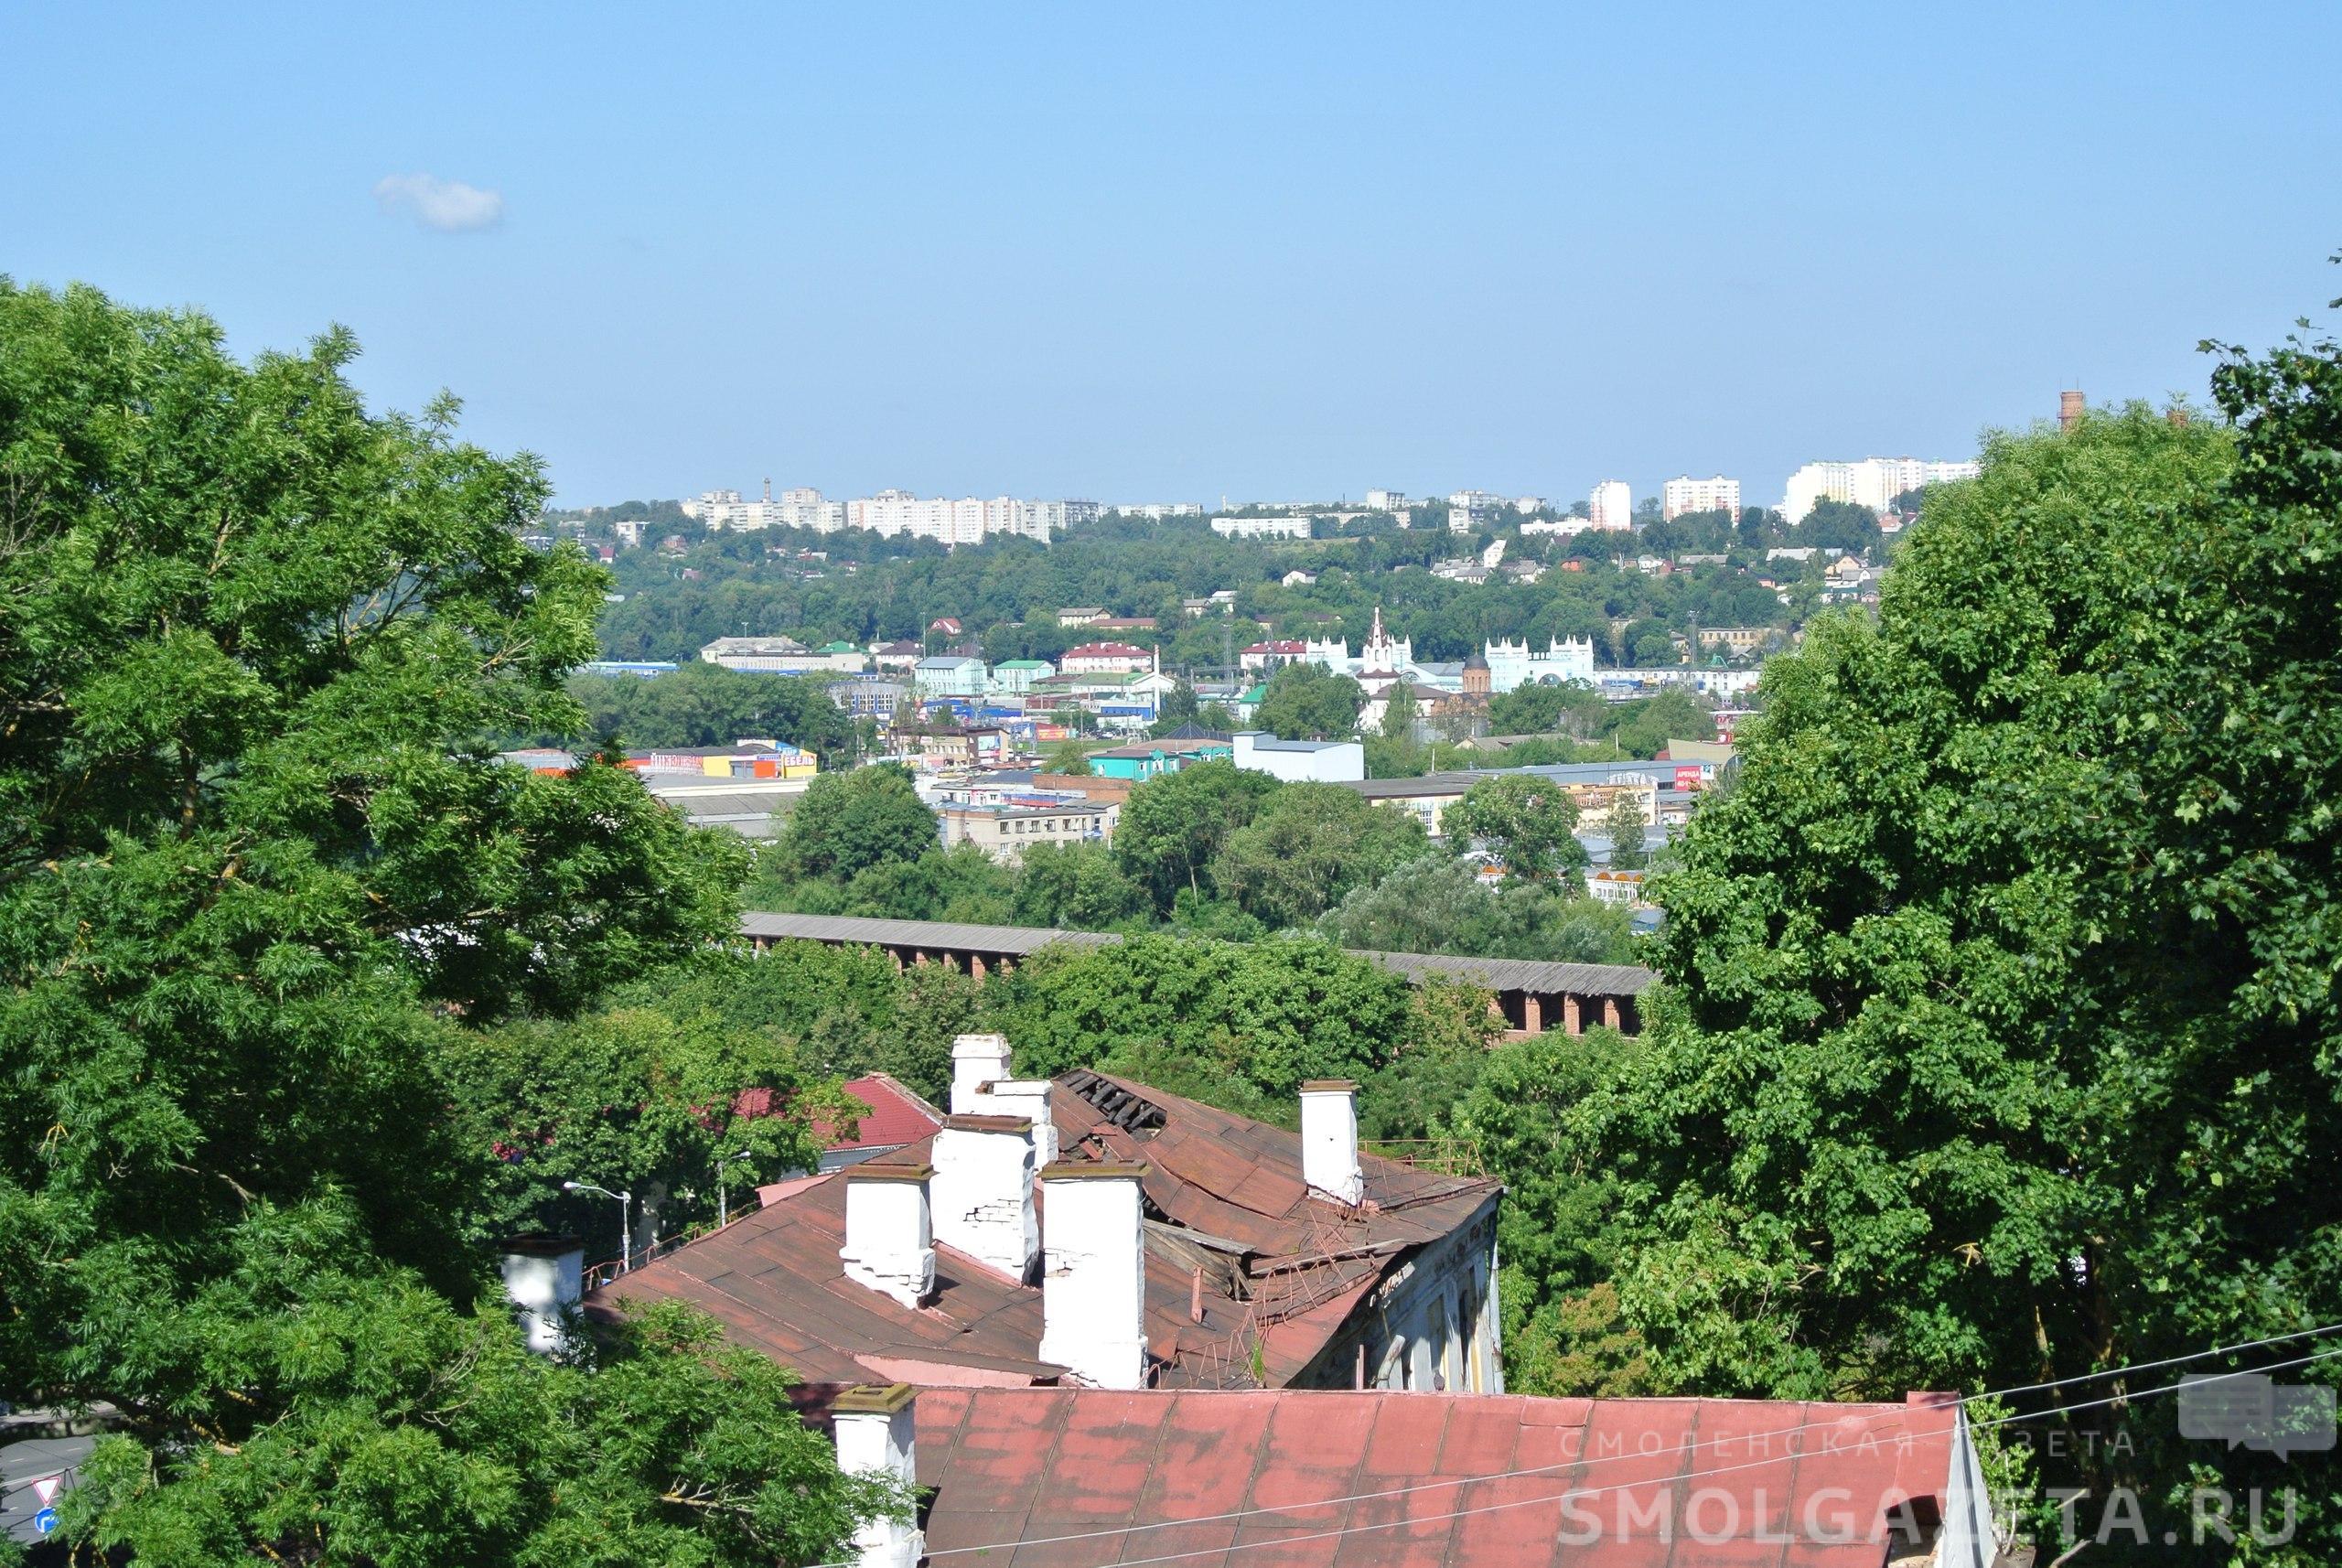 Во вторник в Смоленске будет жарко и ветрено